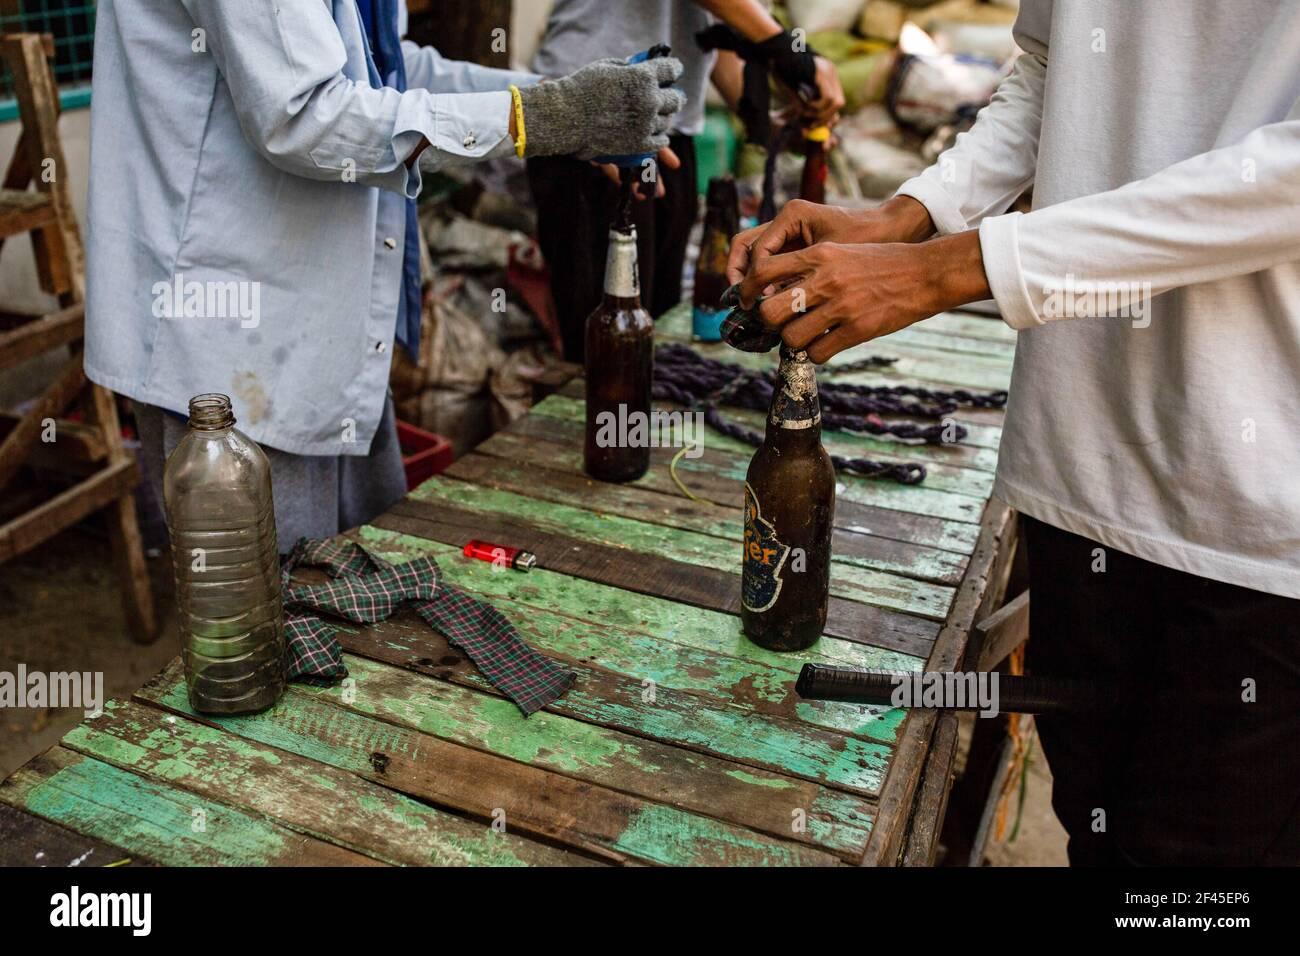 Les manifestants anti-coup d'Etat militaire préparent des cocktails molotov lors d'une manifestation contre le coup d'Etat militaire.la police et les militaires du Myanmar (tatmadow) ont attaqué les manifestants avec des balles en caoutchouc, des munitions réelles, des gaz lacrymogènes et des bombes lacrymogènes en réponse aux manifestants anti-coup d'Etat militaire de vendredi, tuant plusieurs manifestants et en blessant beaucoup d'autres. Au moins 149 personnes ont été tuées au Myanmar depuis le coup d'État du 1er février, a déclaré un responsable des droits de l'homme de l'ONU. L'armée du Myanmar a détenu le conseiller d'État du Myanmar Aung San Suu Kyi le 01 février 2021 et a déclaré l'état d'urgence lors de sa saisie Banque D'Images